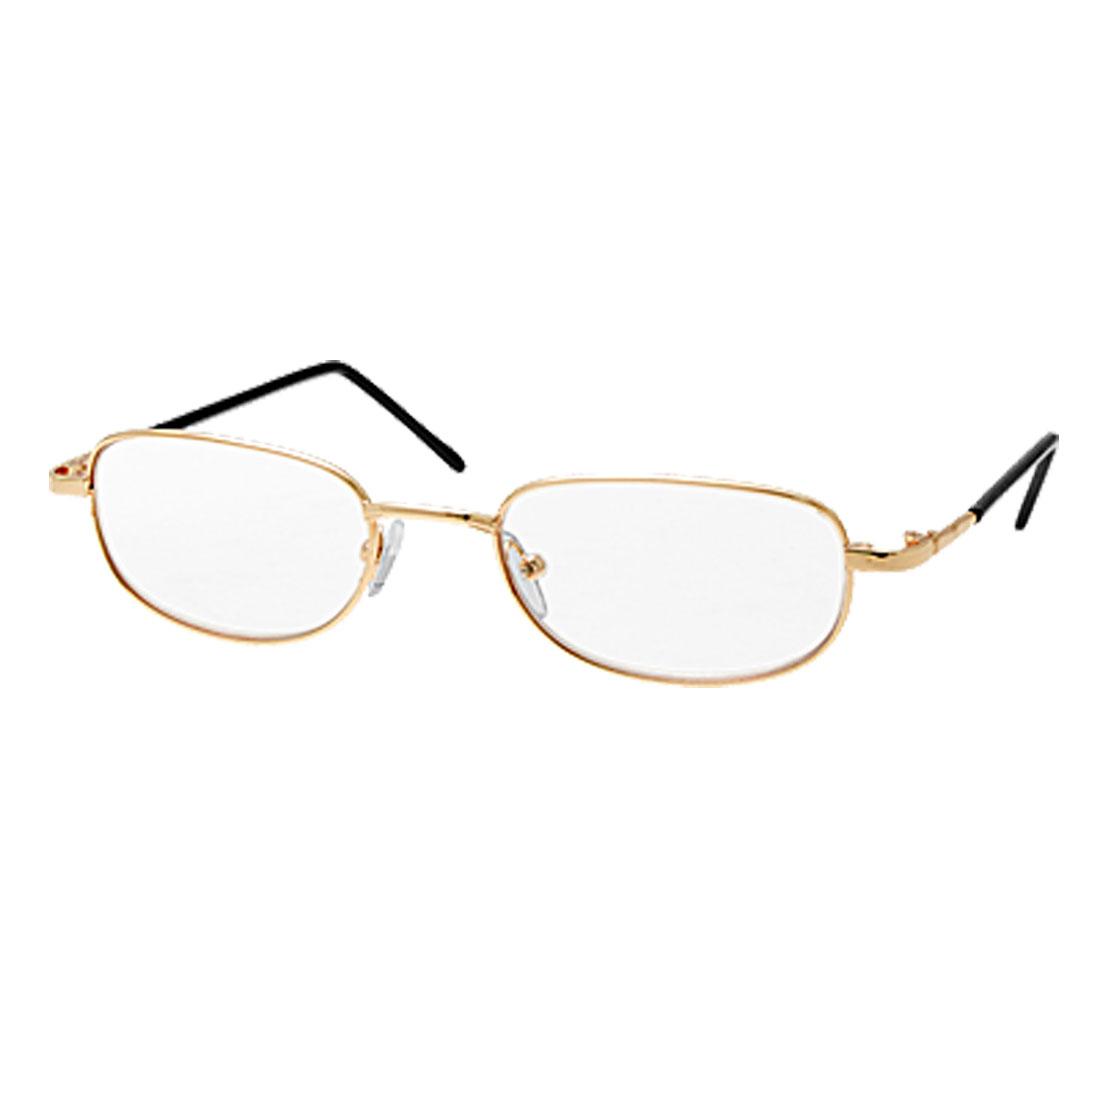 Magnifying Reading Eye Glasses Presbyopic Eyeglasses +4.00